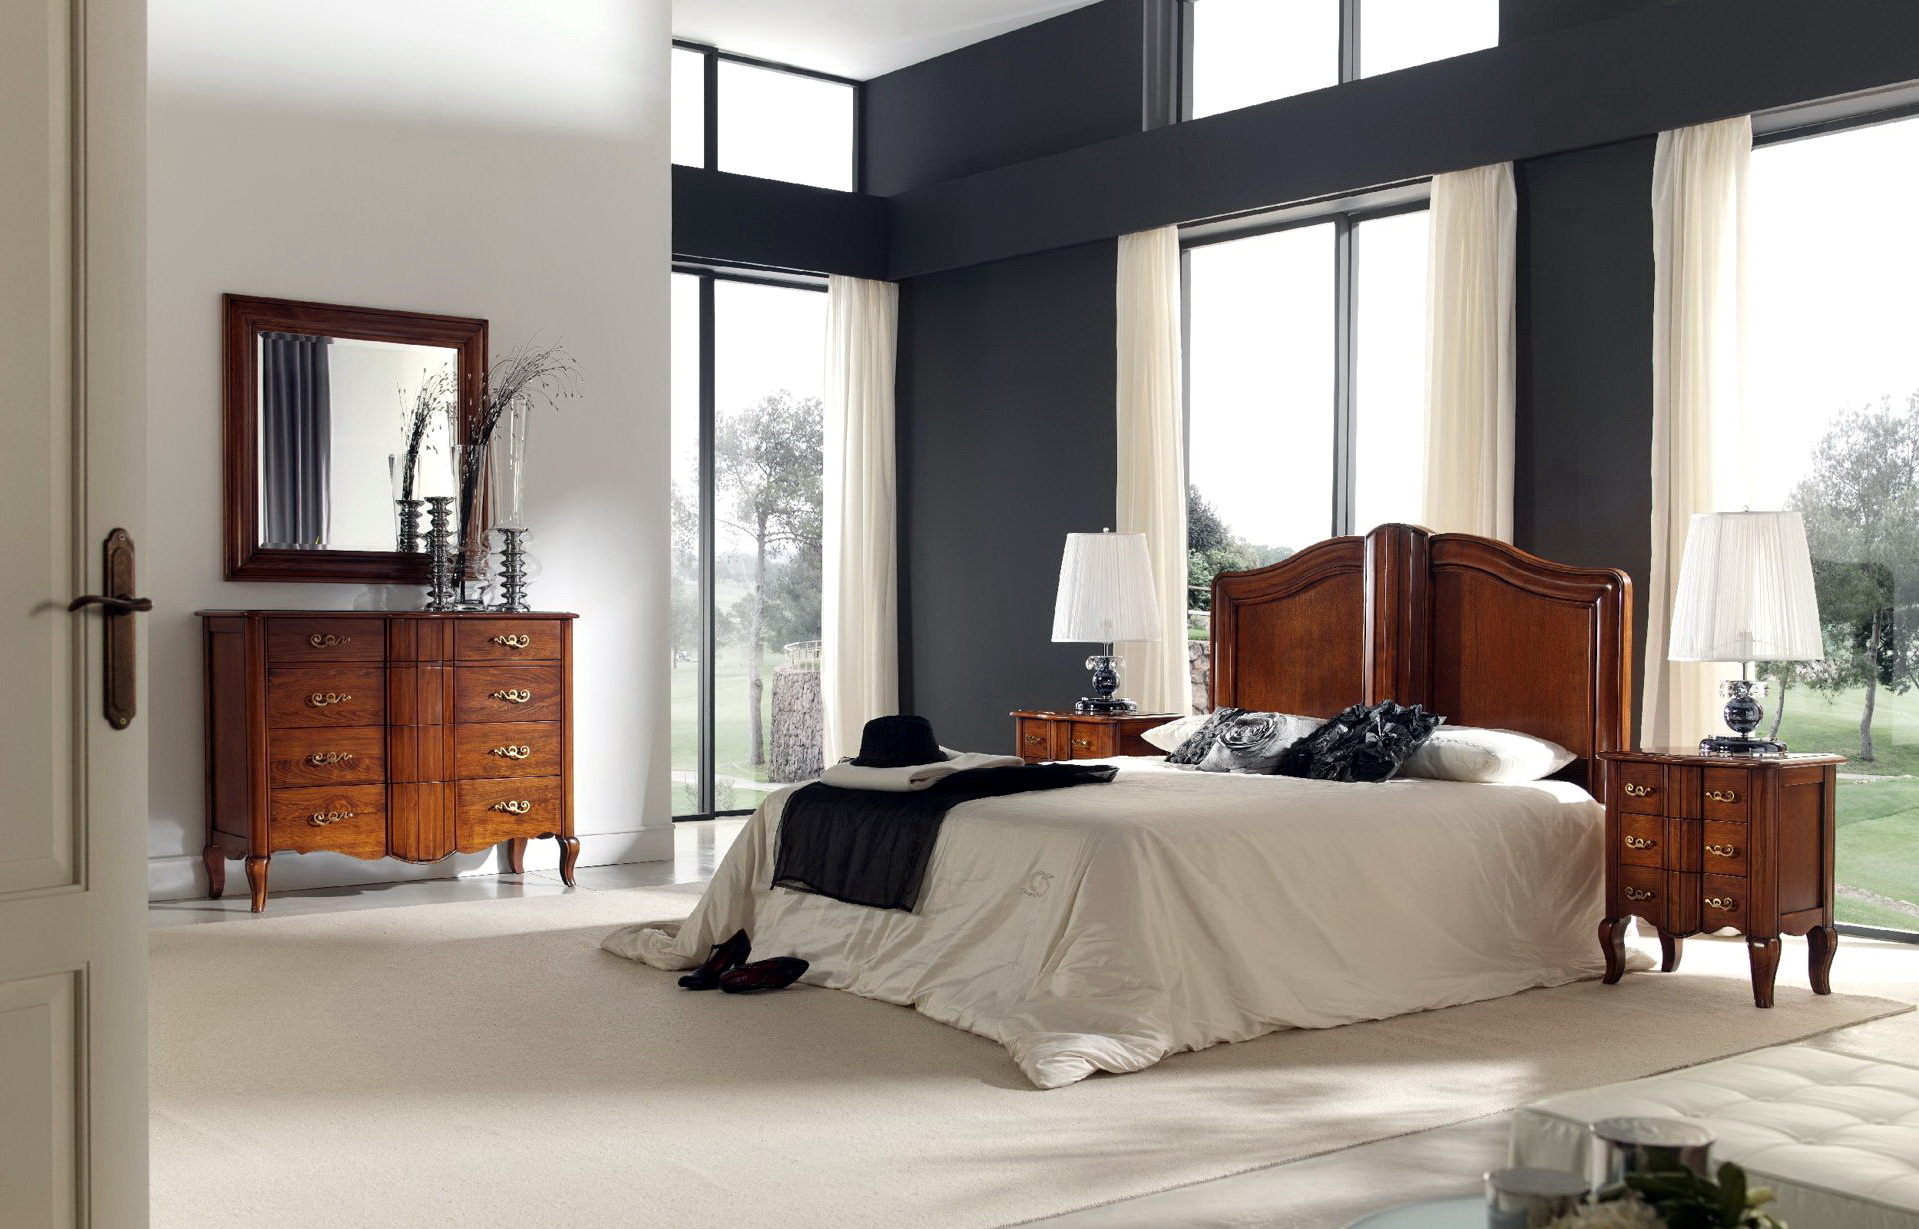 Dormitorio clásico PALAZZO TRADITION 007 by Toscano en muebles antoñán® León